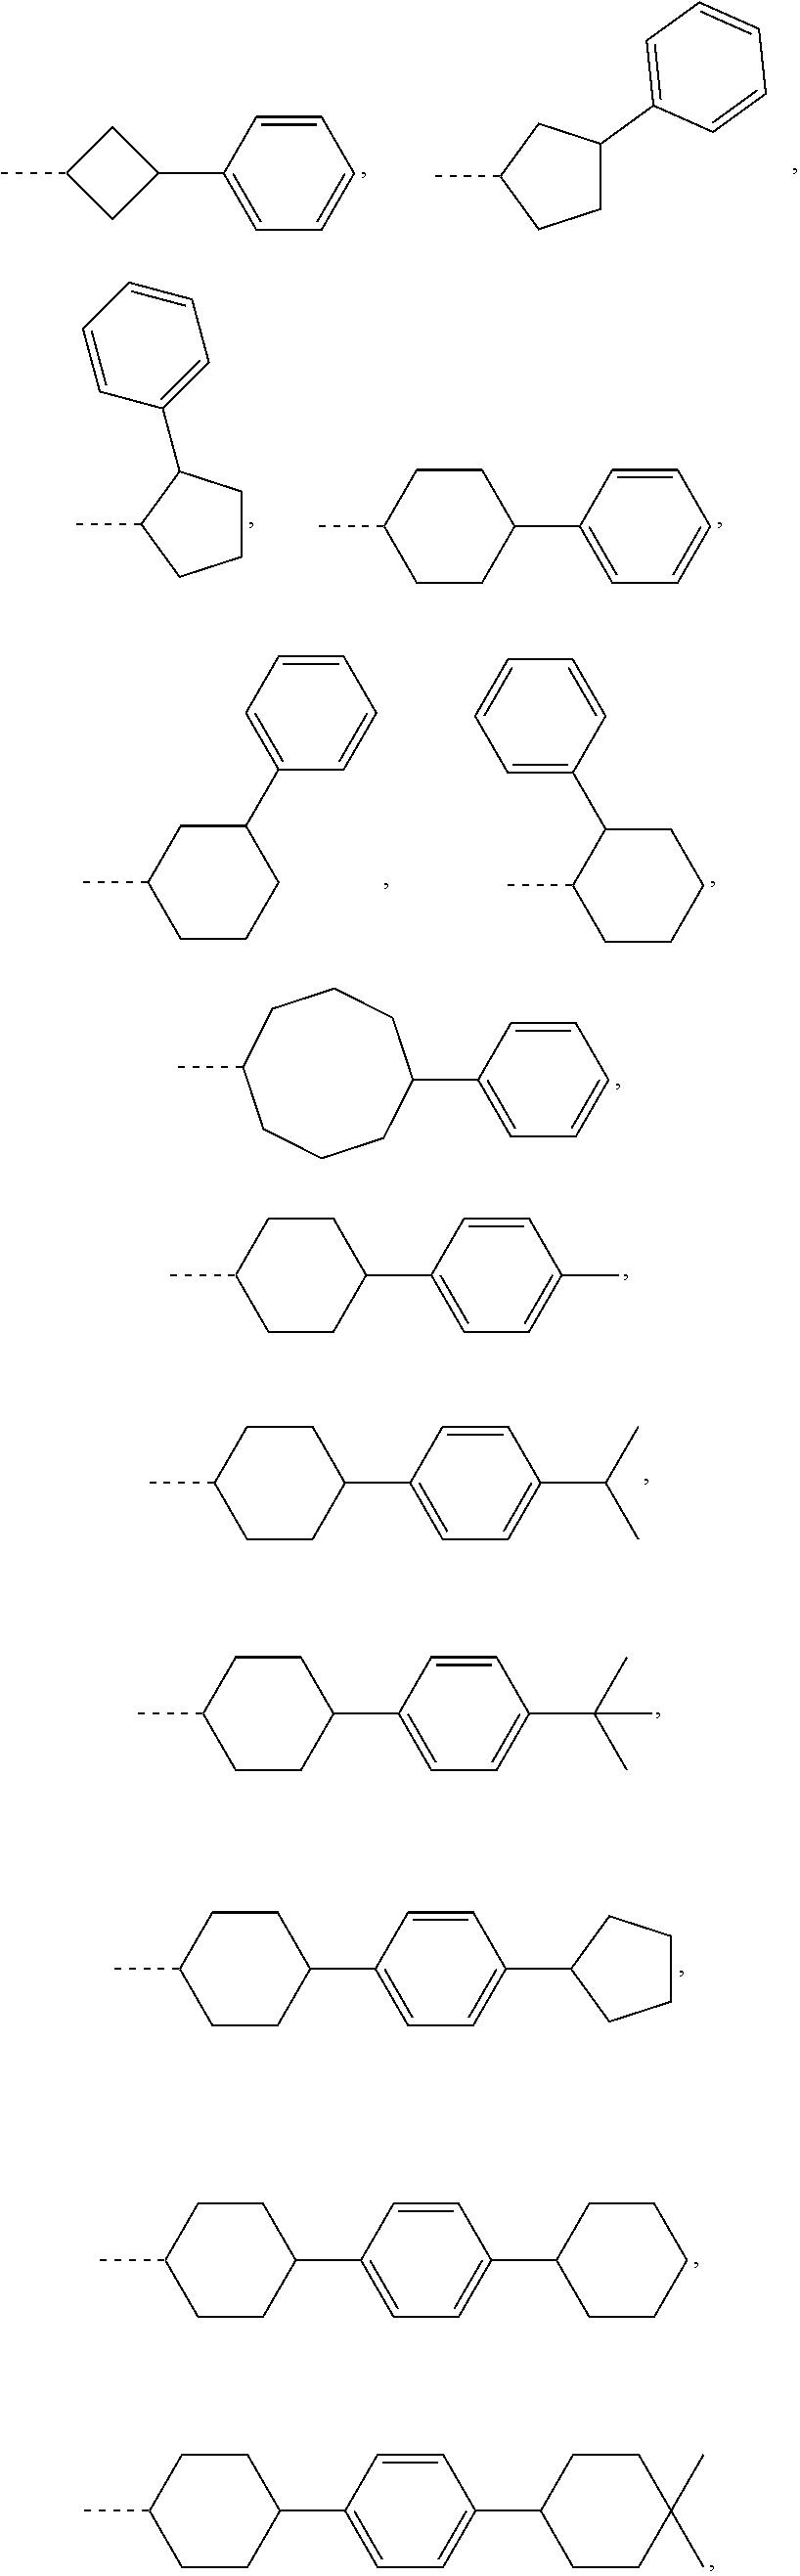 Figure US20180076393A1-20180315-C00017